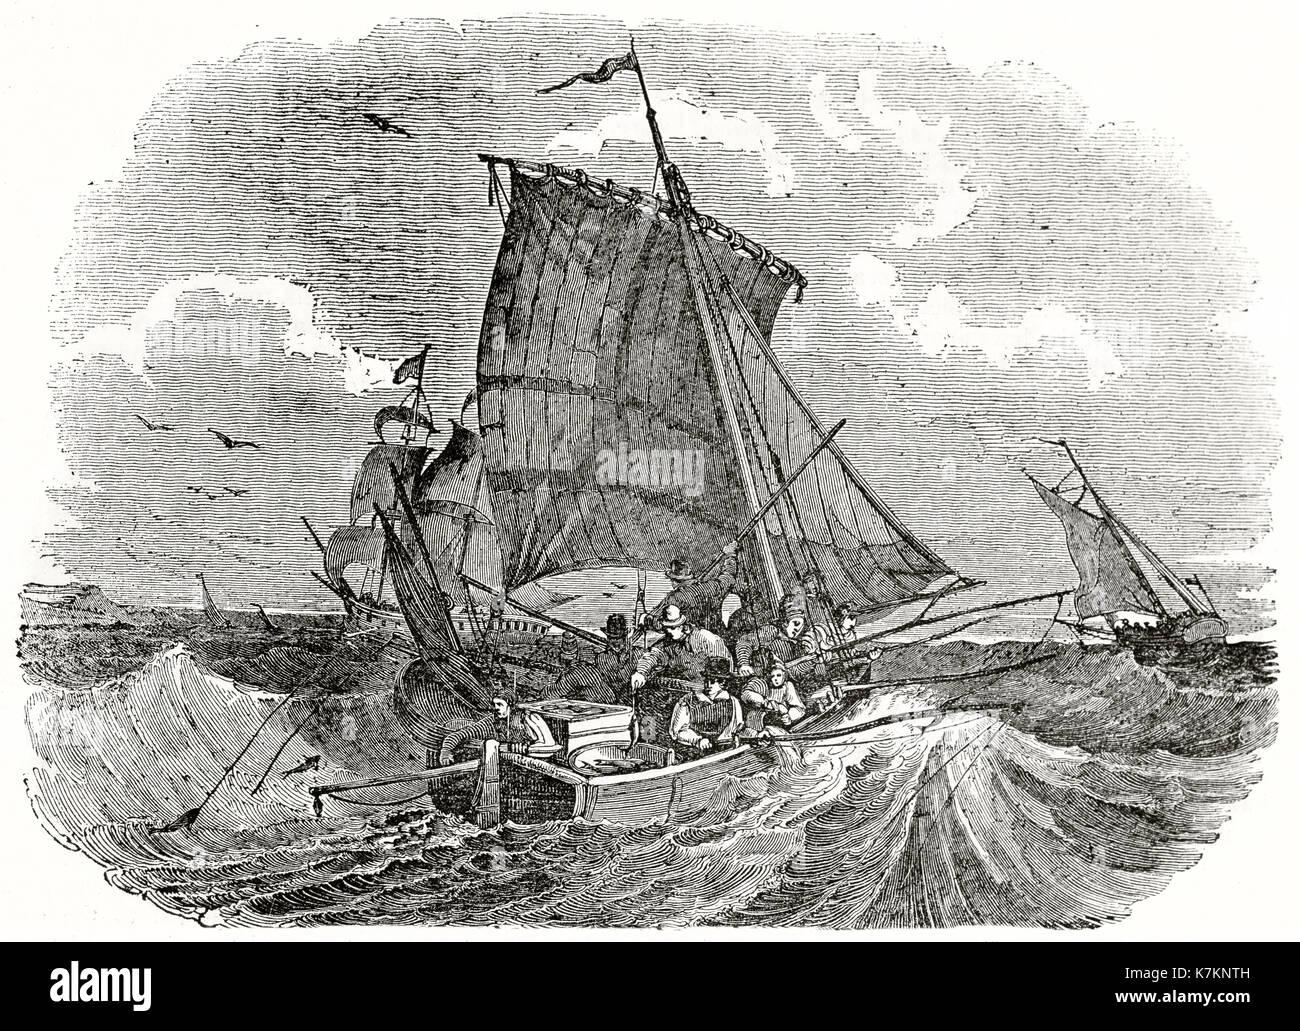 Ilustración antigua de pescadores franceses angulable para meckerel. Por autor no identificado, Publ. de la Penny Magazine, Londres, 1837 Imagen De Stock